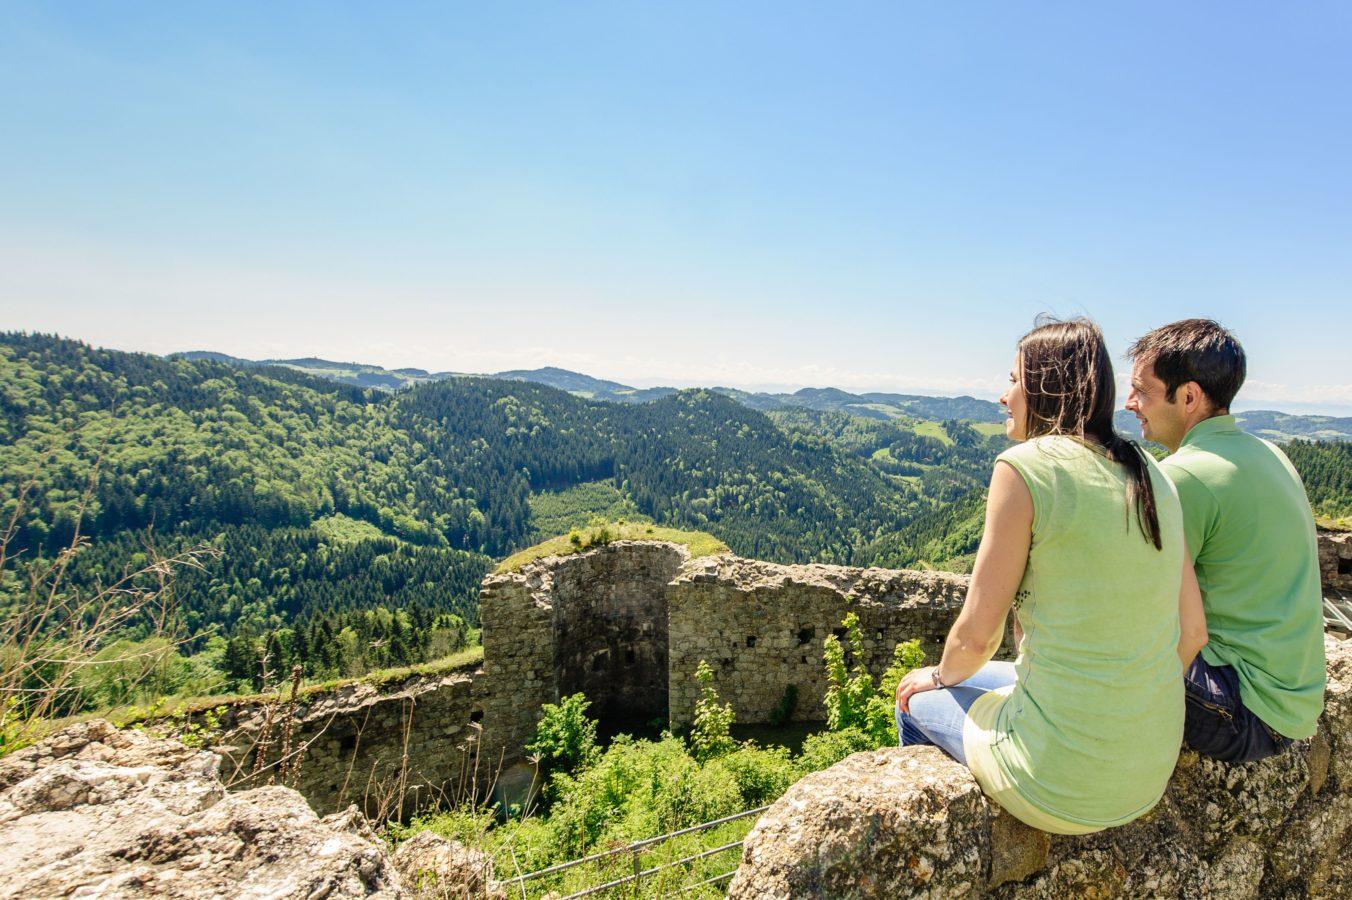 Burgen- und Schlösserweg in Österreich, Burgen in Oberösterreich, Wanderwege zu Burgen und Schlössern, Mühlviertel, Burg Ruttenstein